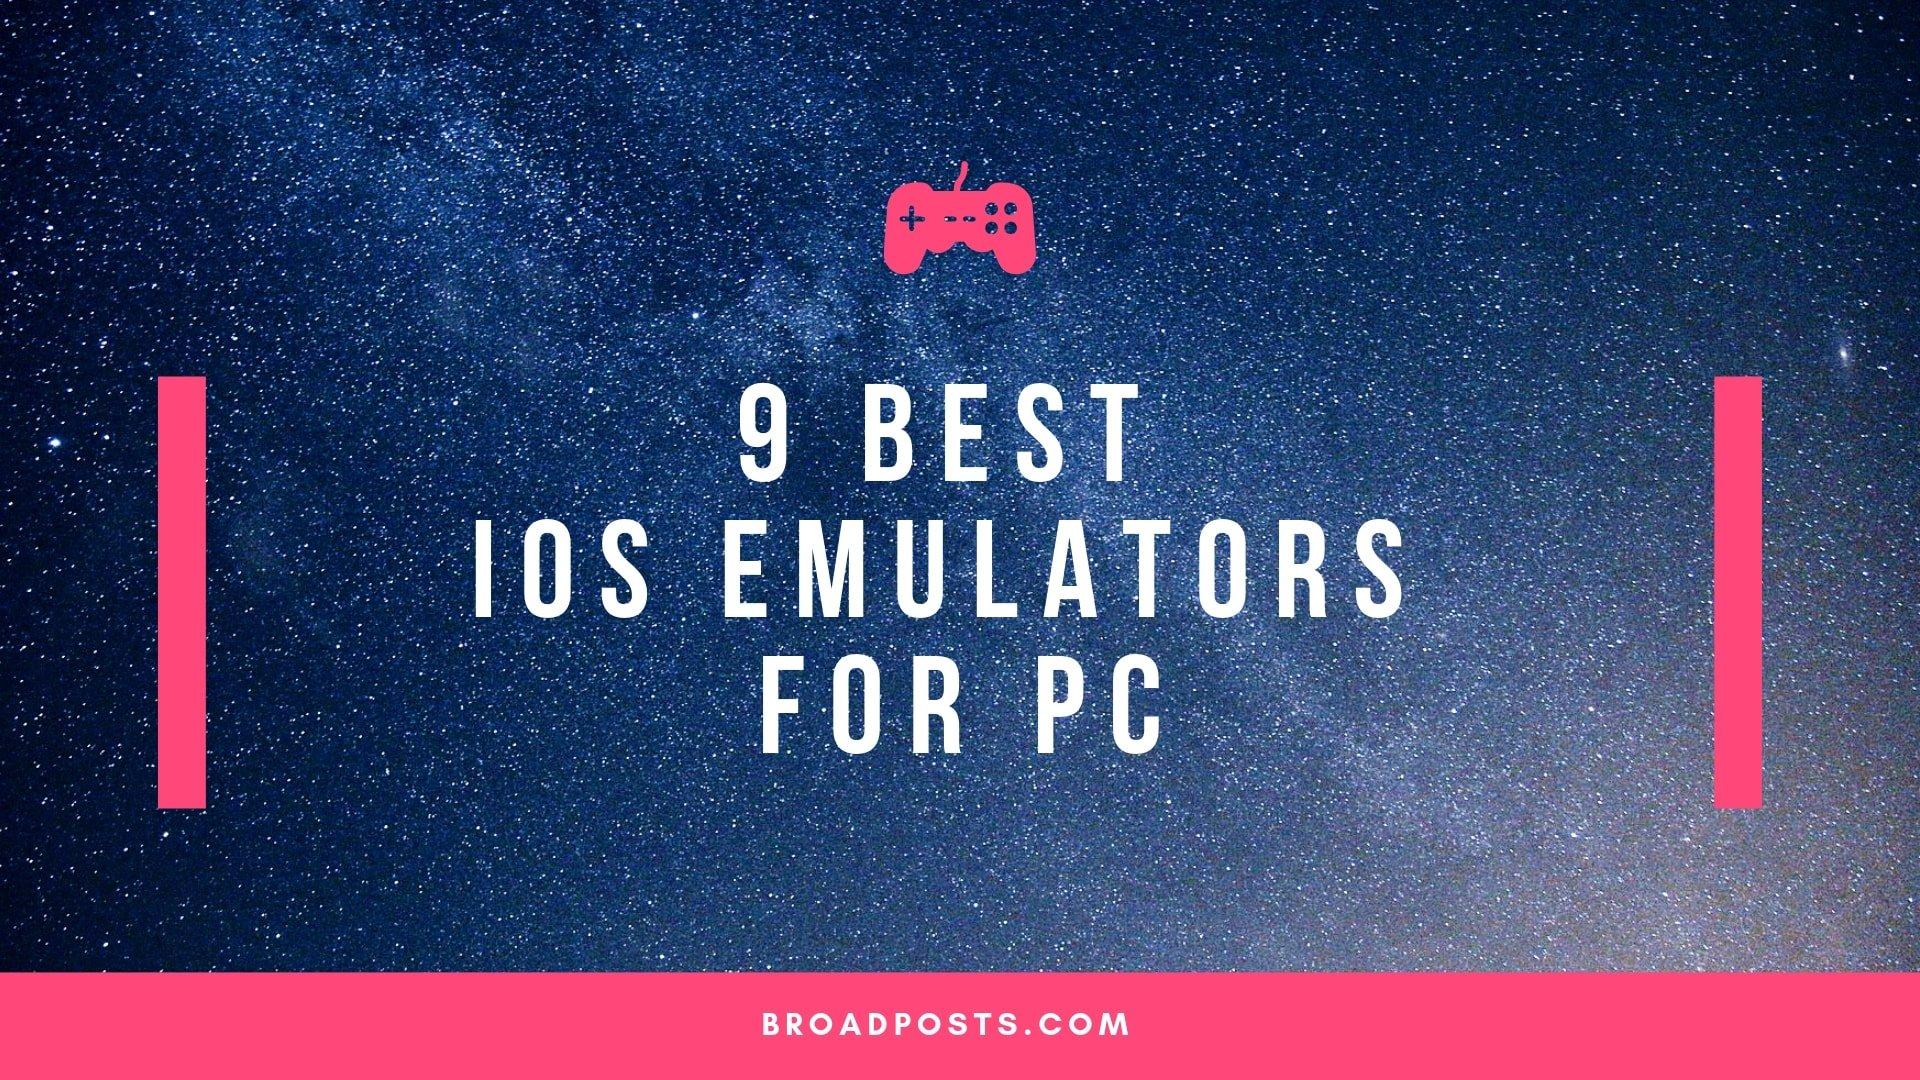 9 Best iOS Emulators For PC (Windows)